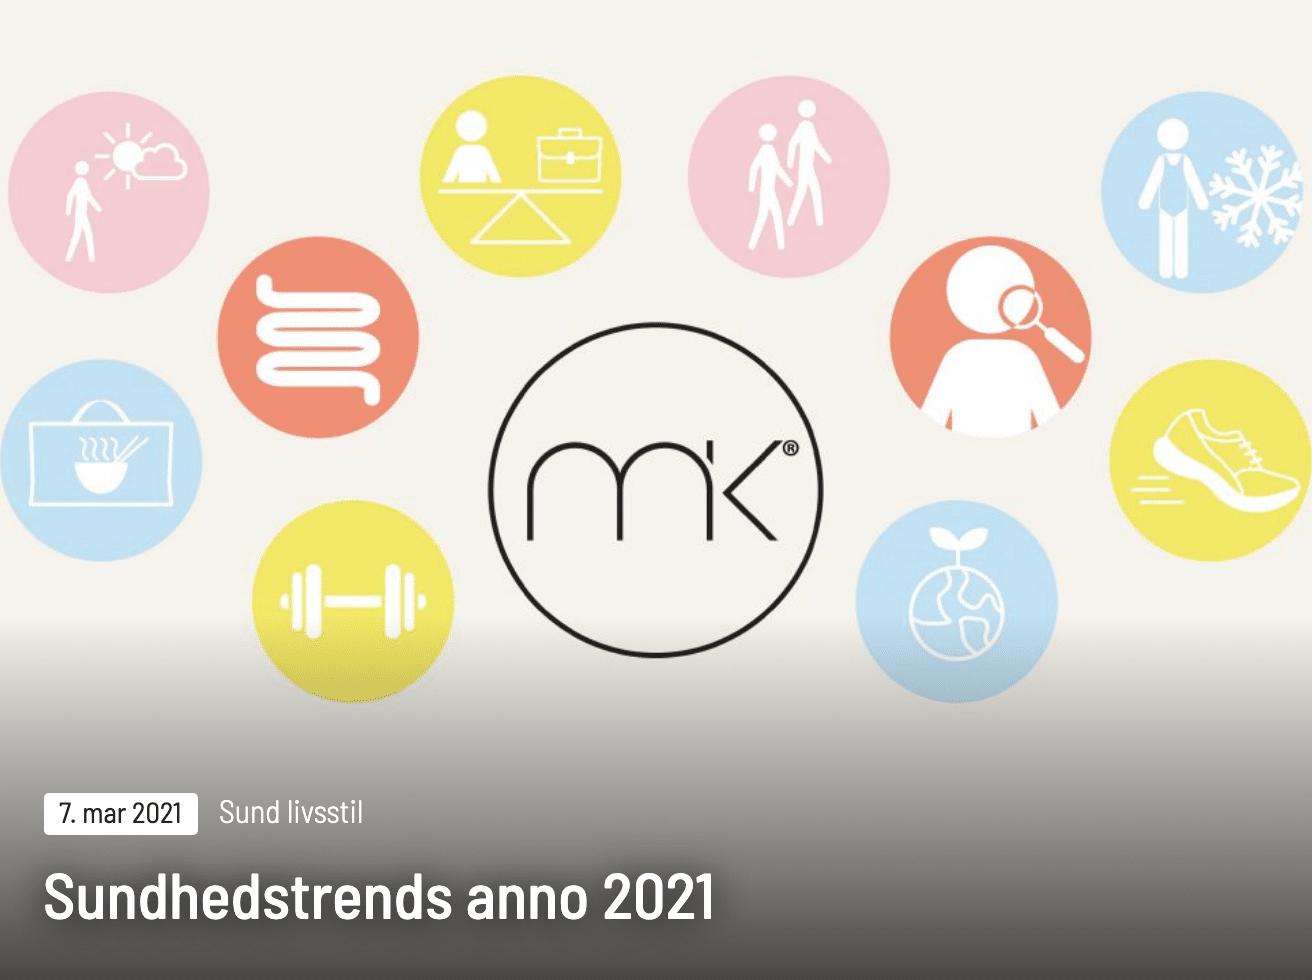 Læs om forskellige sundhedstrends anno 2021